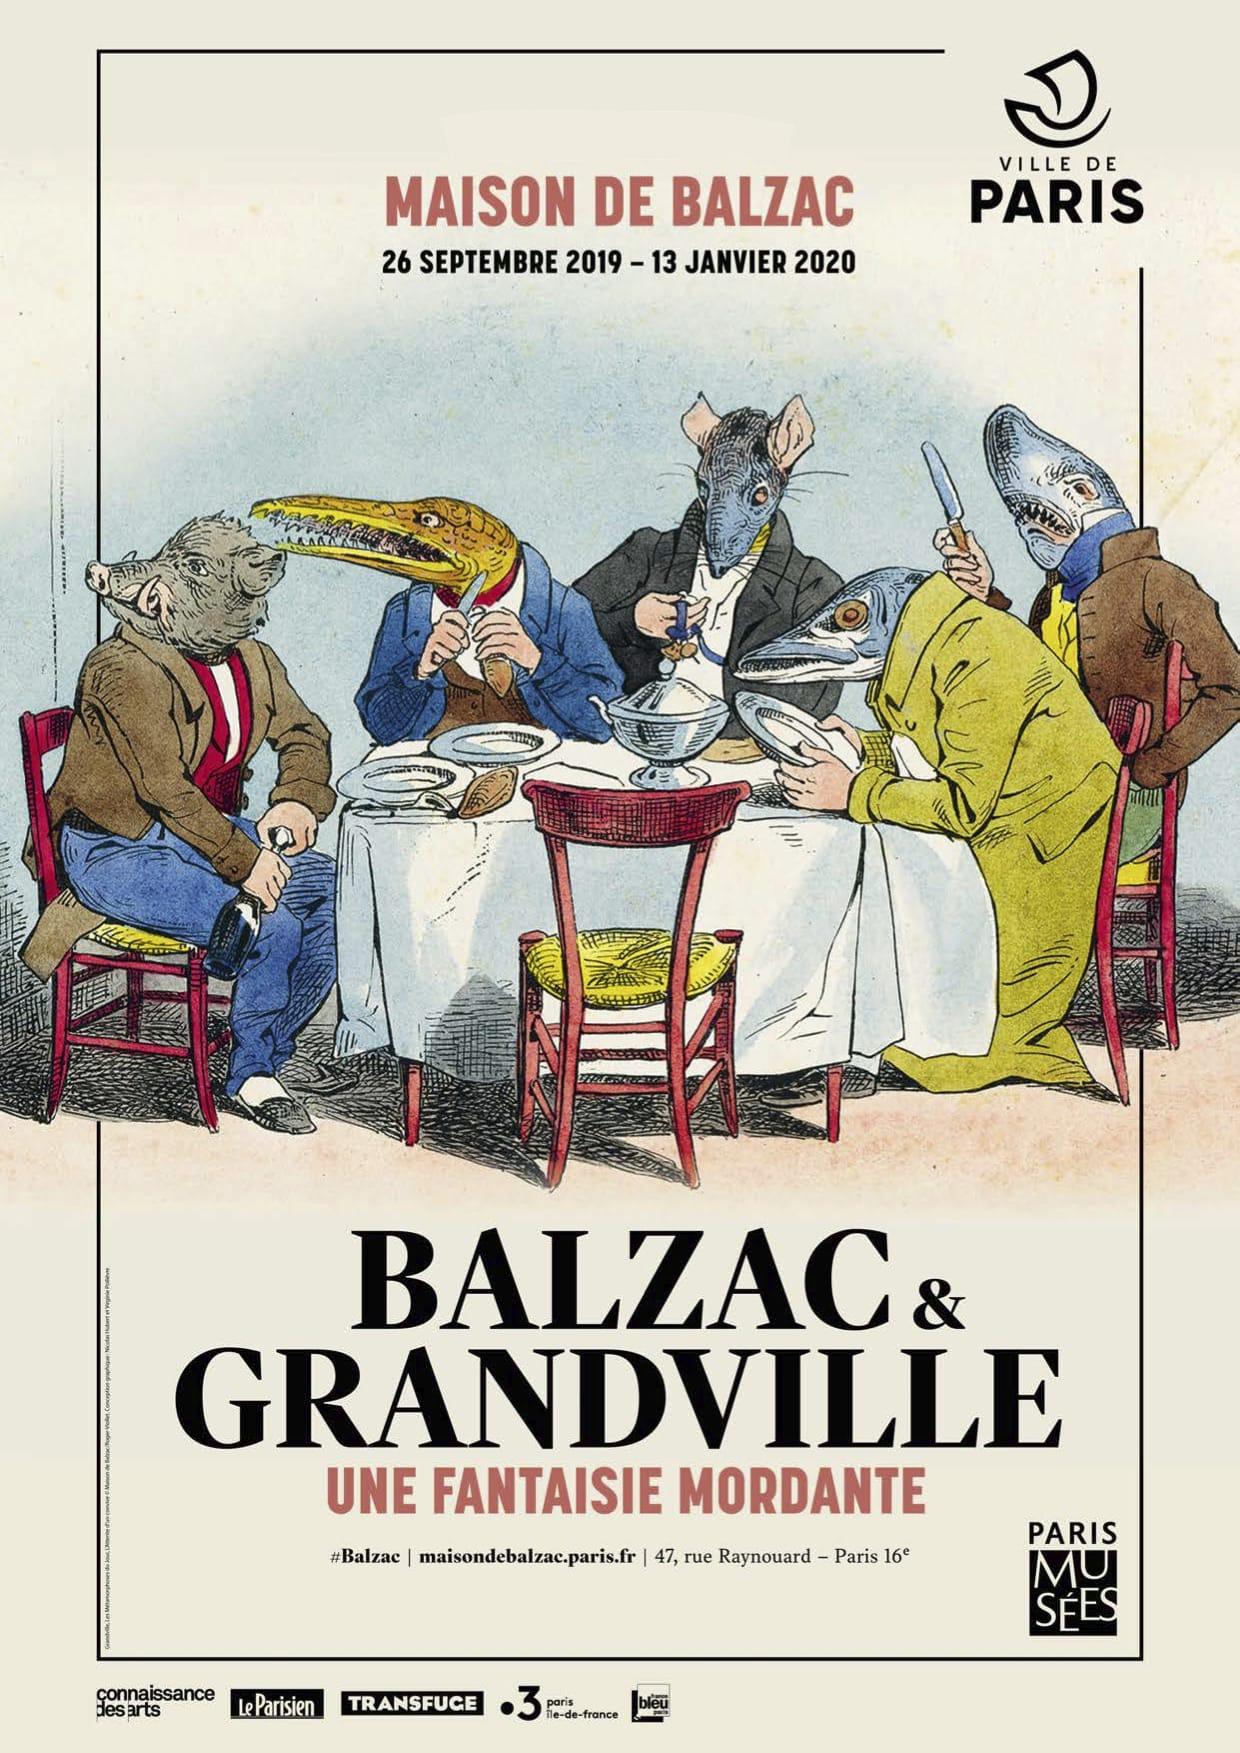 Balzac et Grandville : une fantaisie mordante